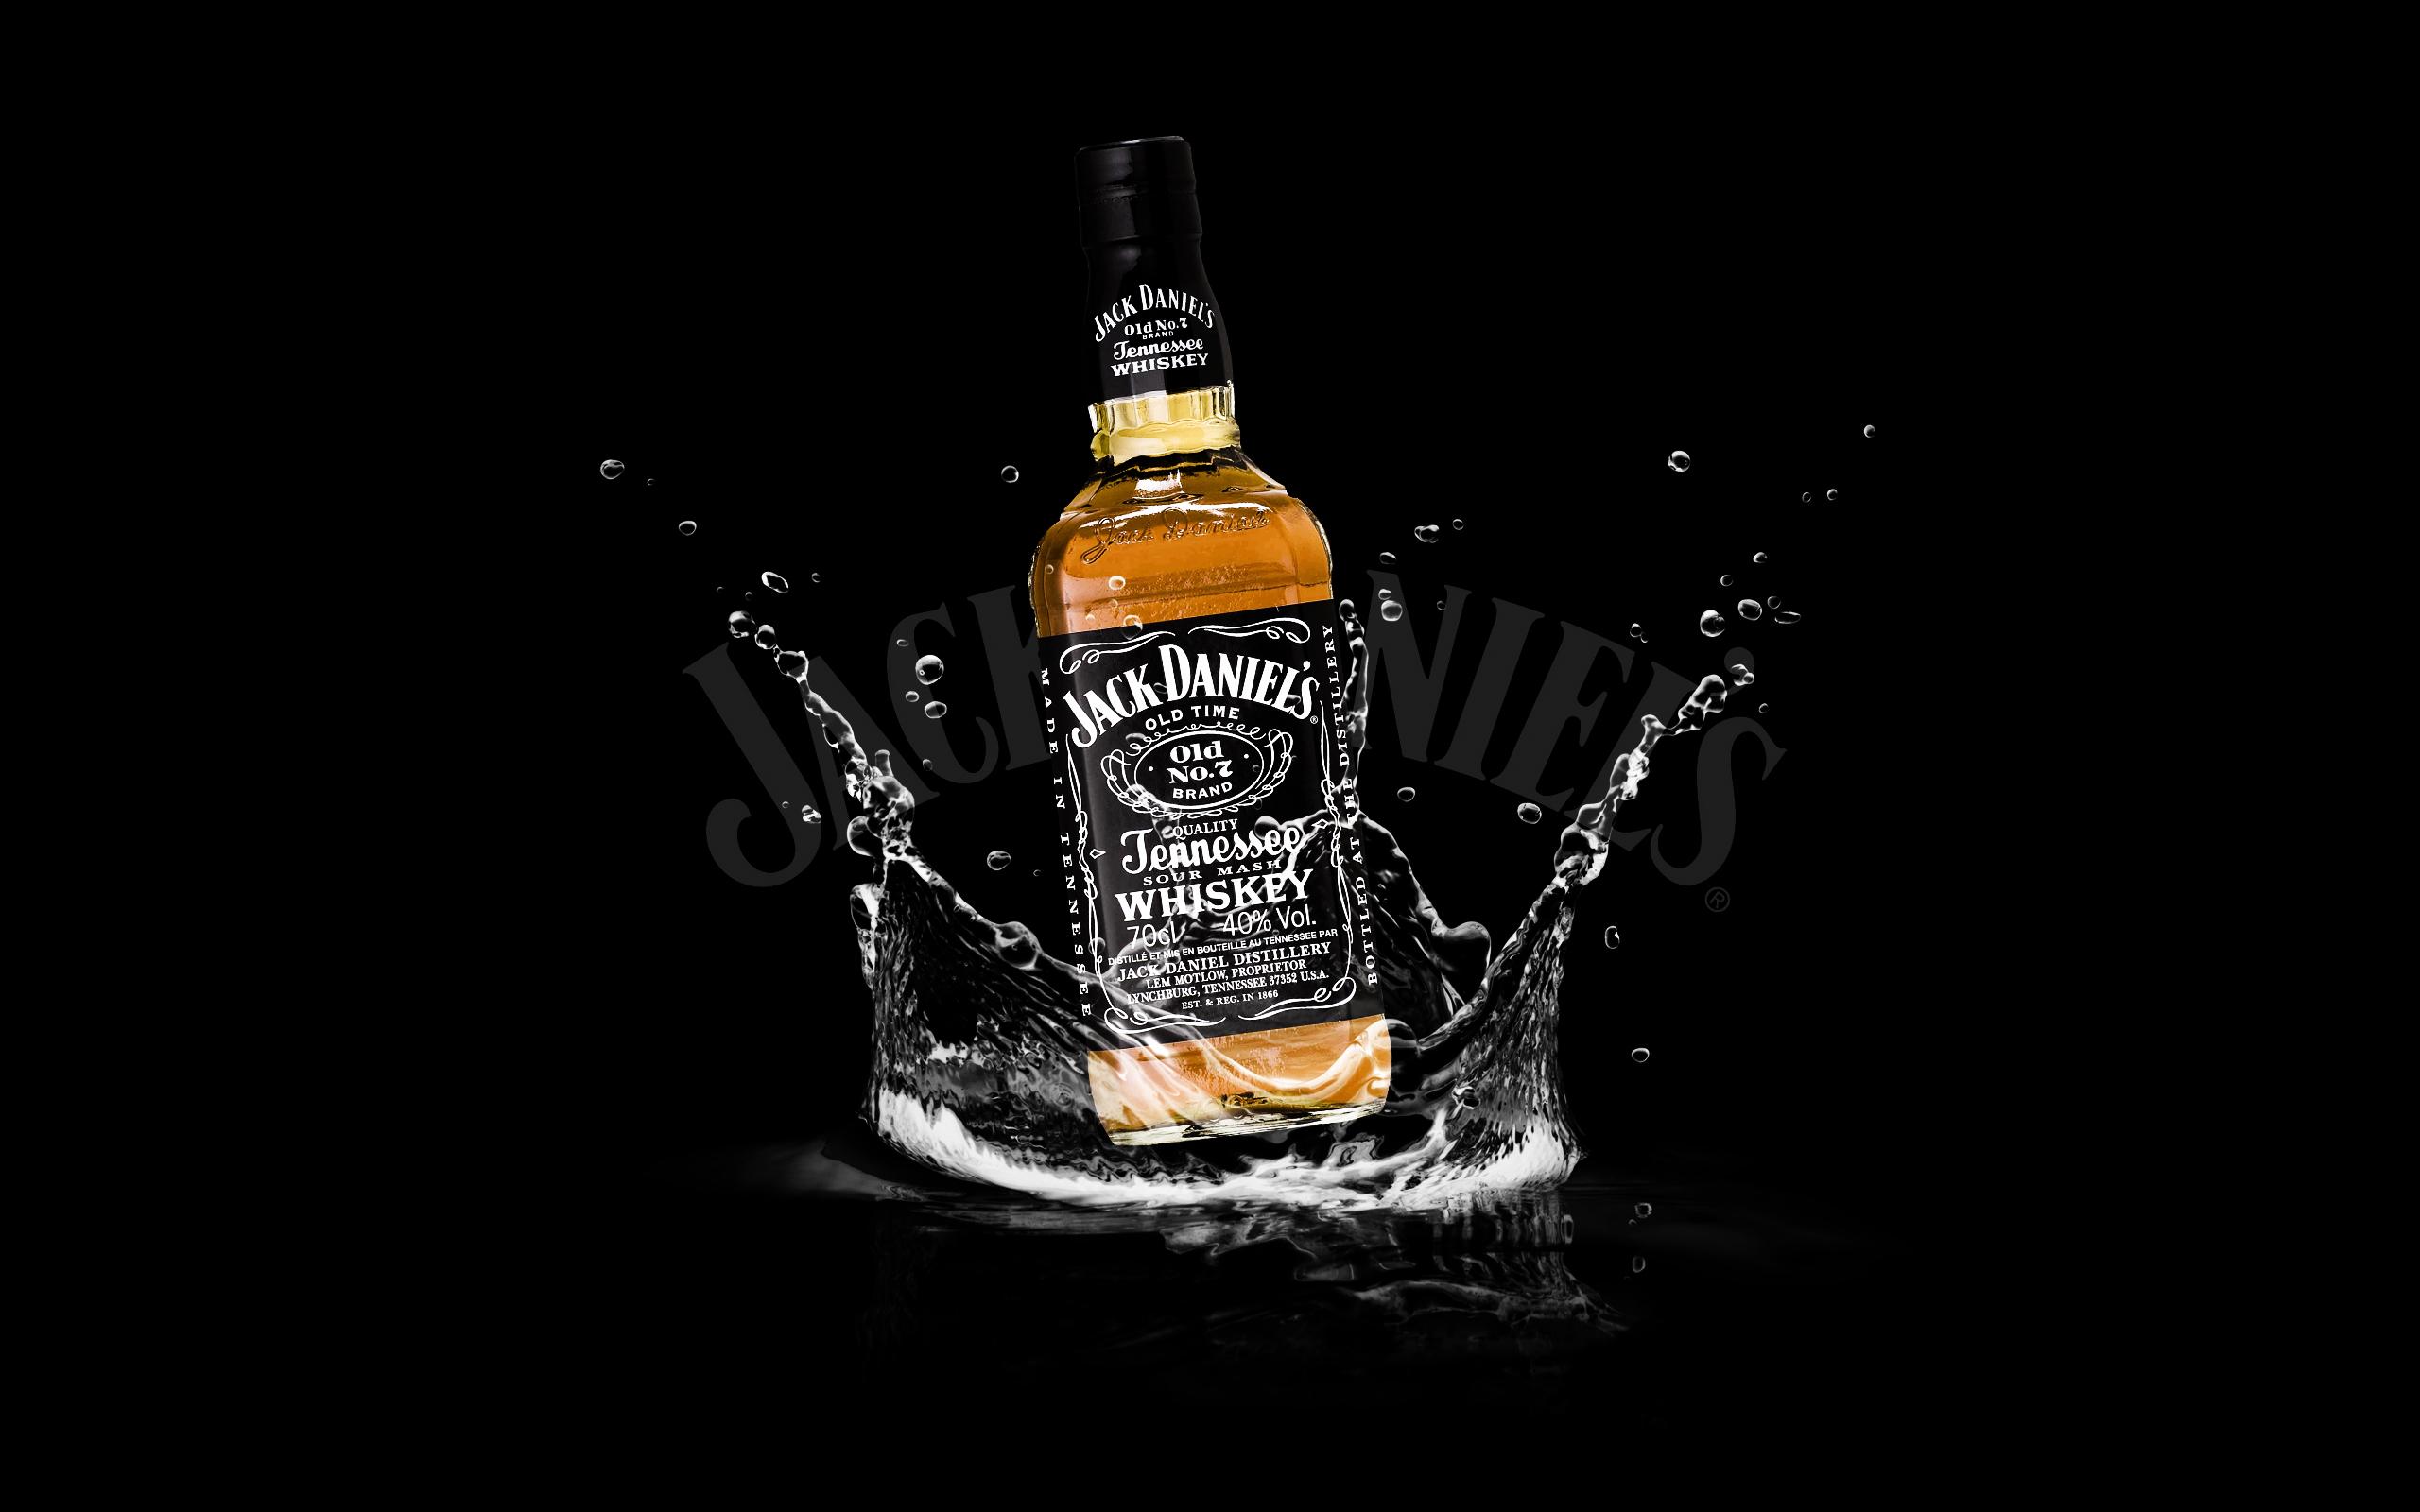 Jack Daniels on Water Widescreen Wallpaper HD Desktop Background PC 2560x1600